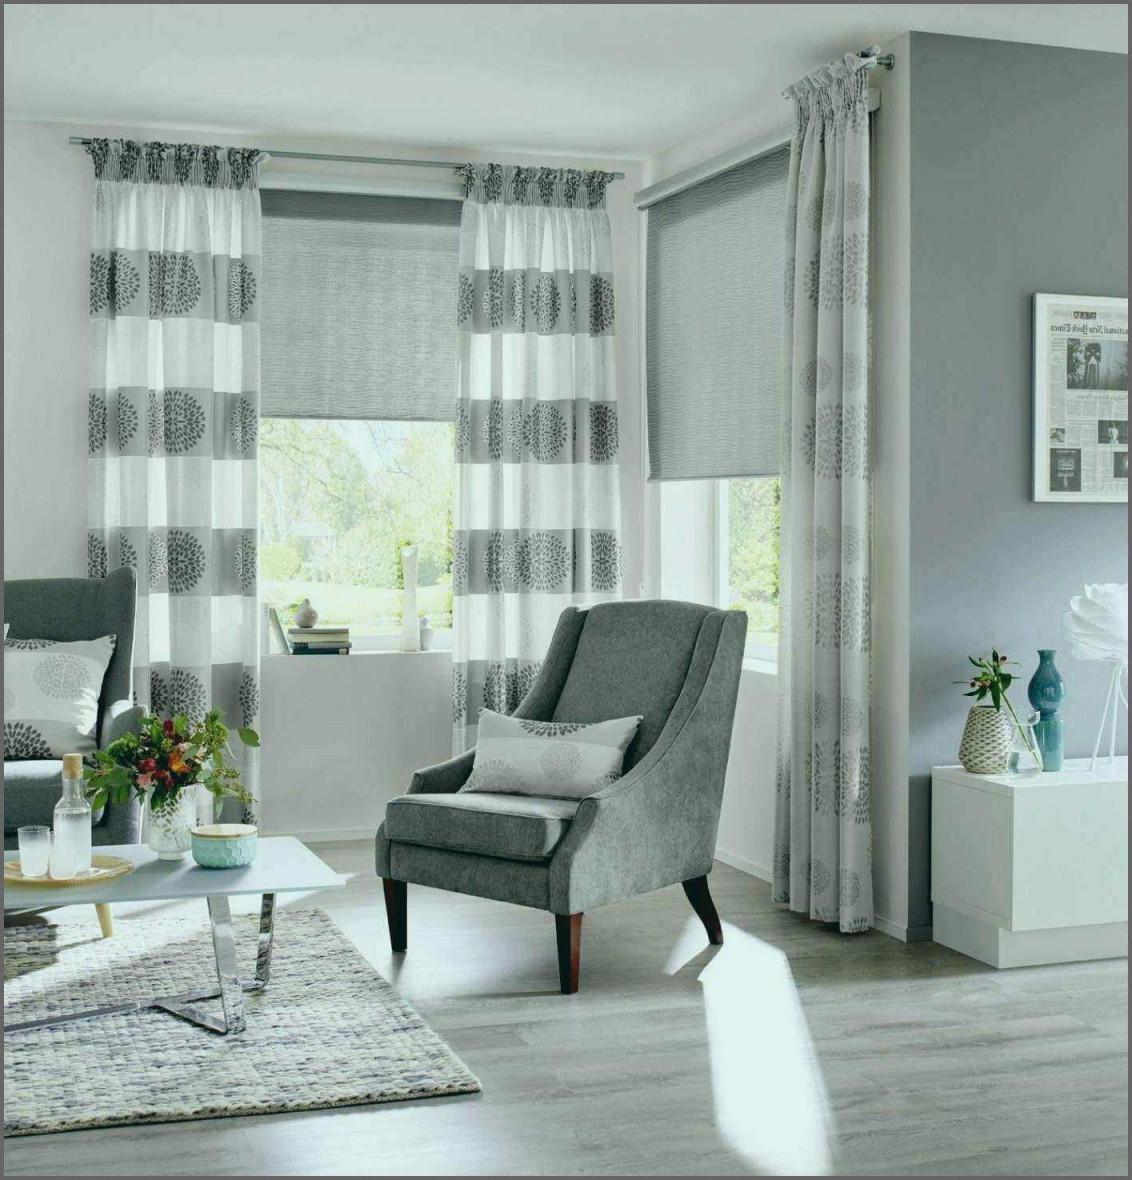 34 Neu Gardinen Wohnzimmer Modern Luxus  Wohnzimmer Frisch von Gardinen Wohnzimmer Modern Weiß Photo